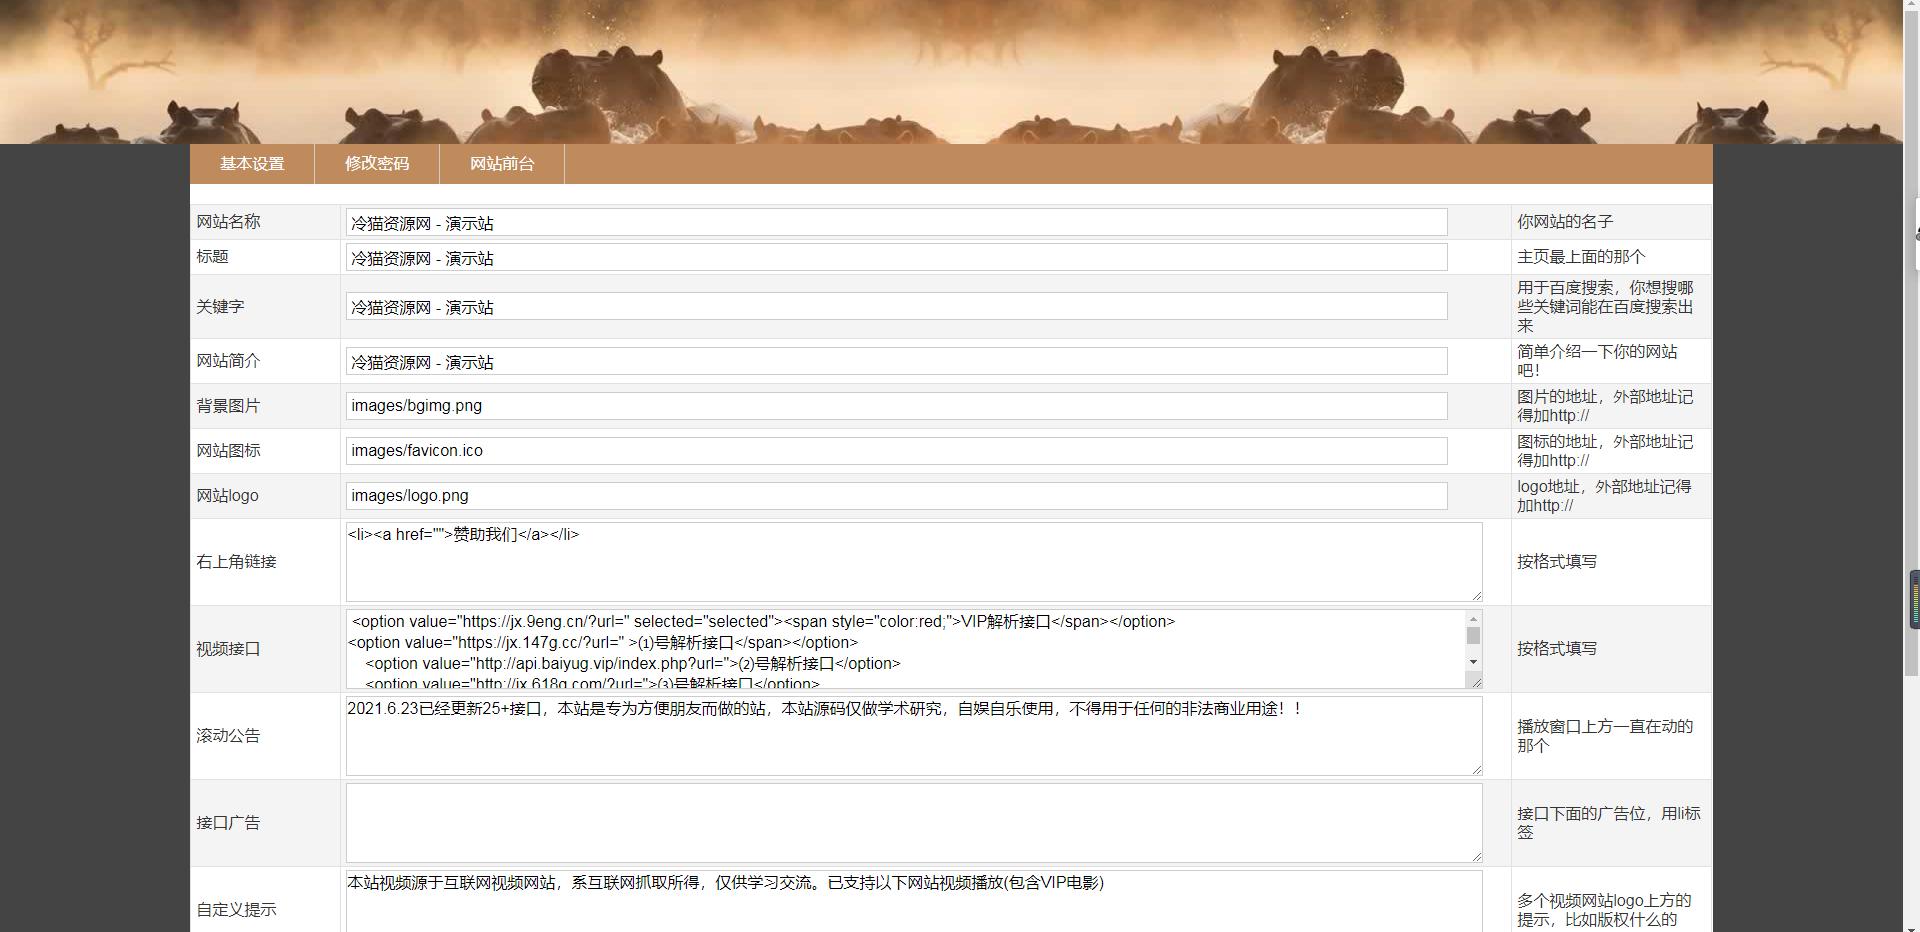 亲测丨VIP视频解析网带后台 含接口 网站源码免费下载